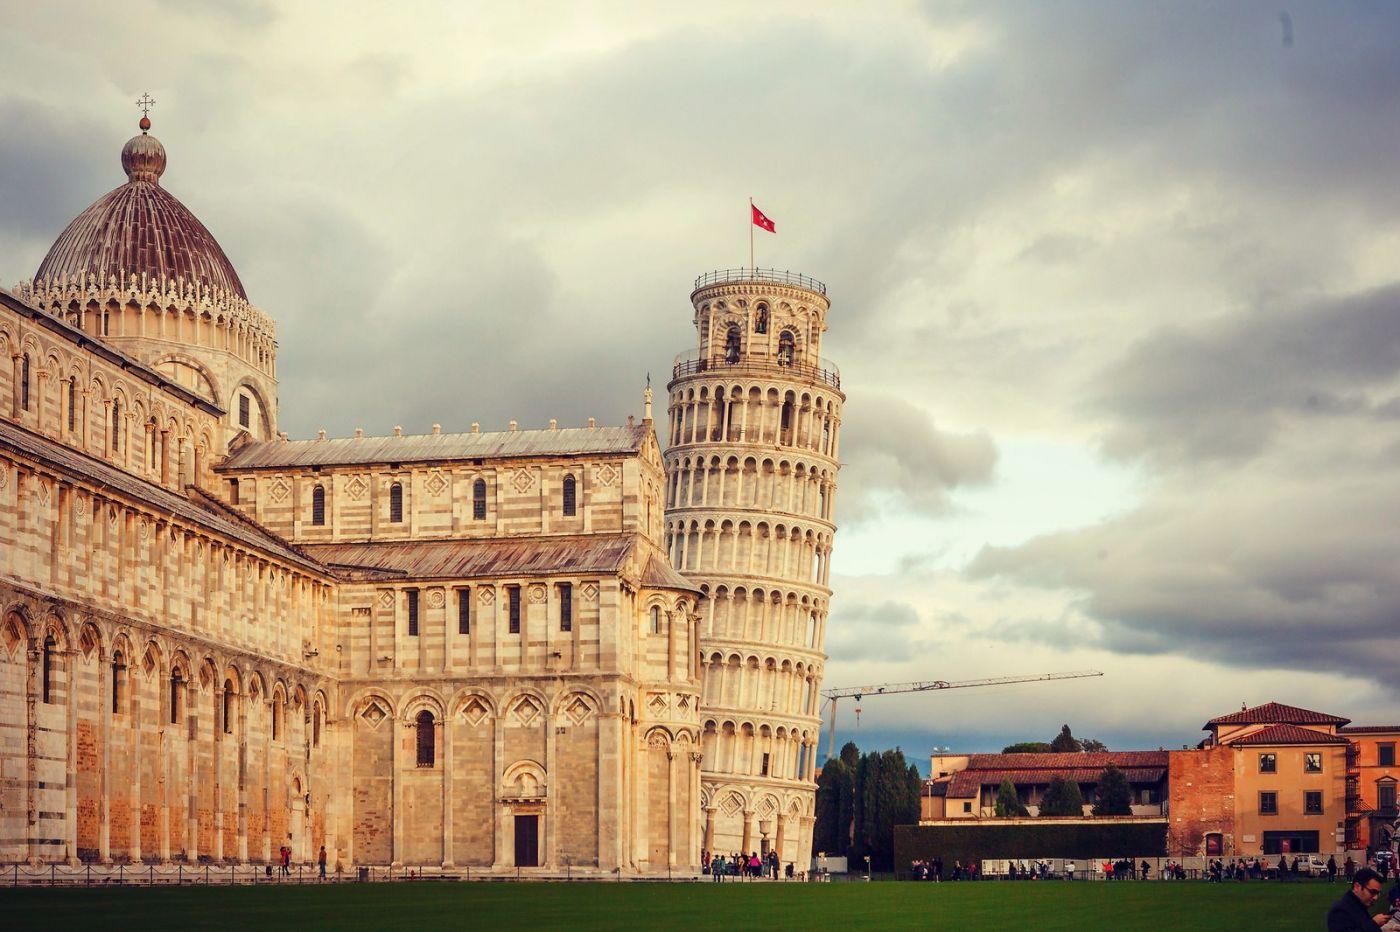 意大利比萨斜塔,塔旁的建筑群_图1-26